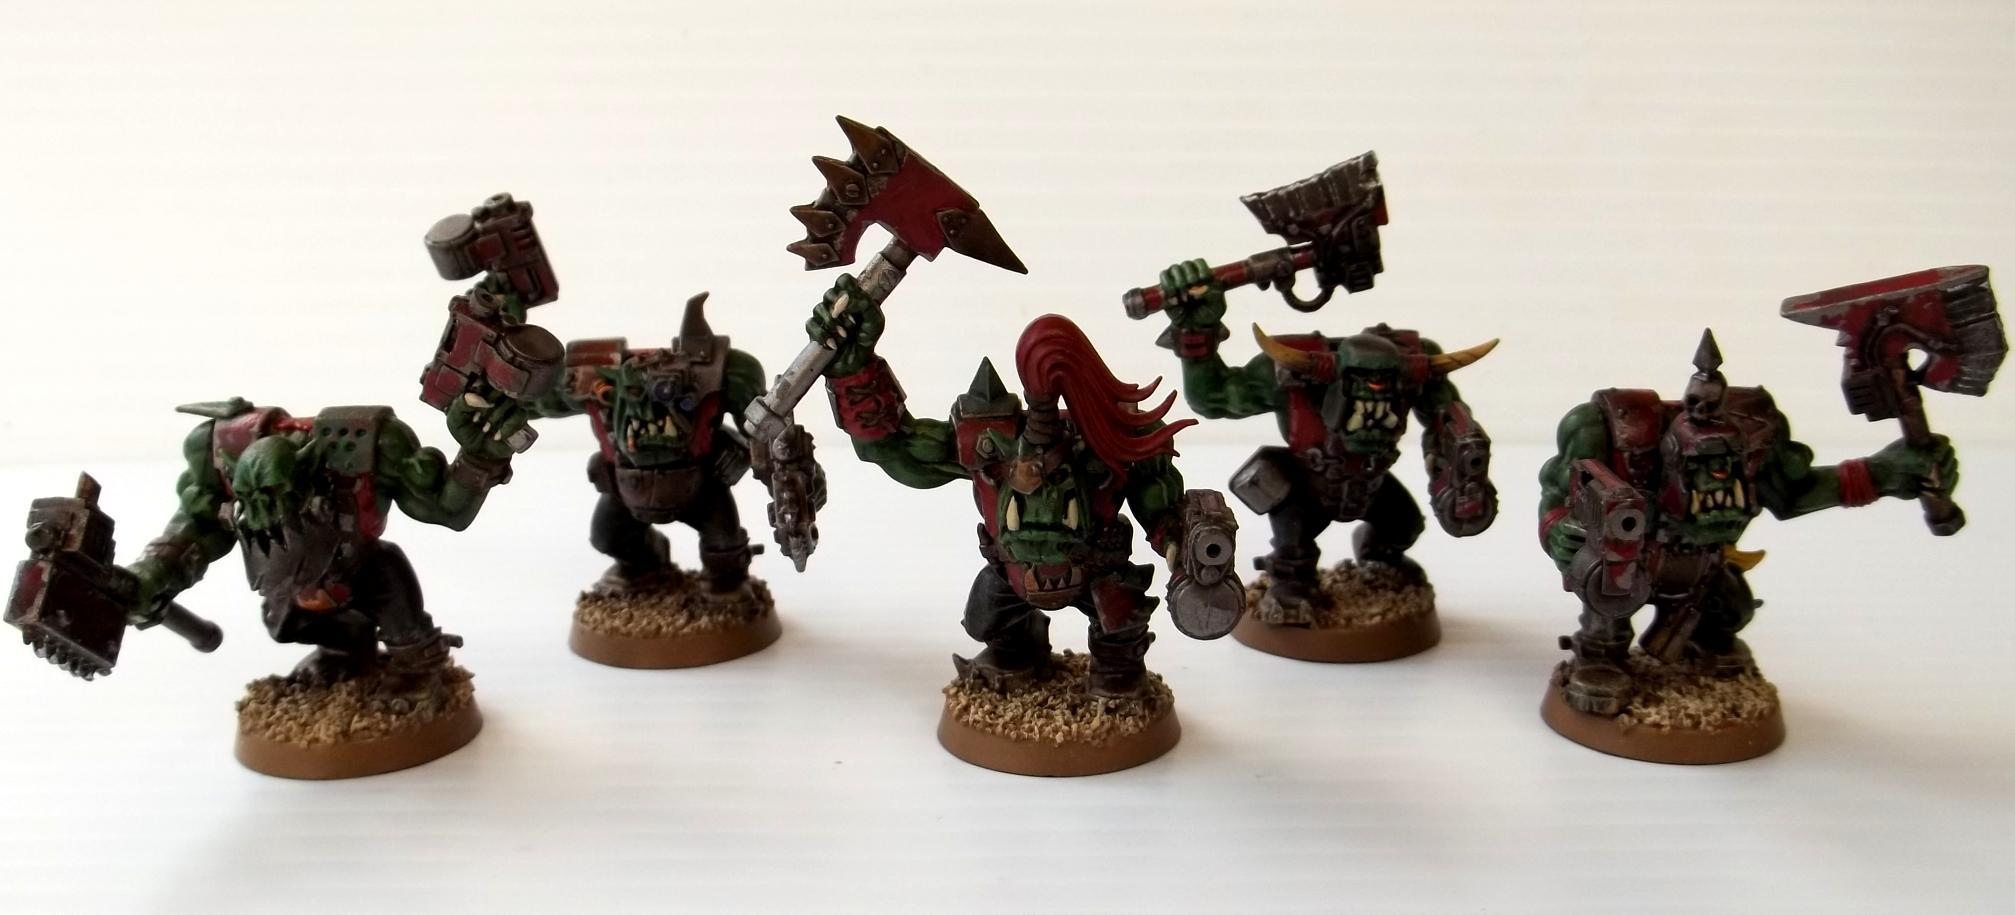 Evil, Nob, Orks, Sunz, Warhammer 40,000